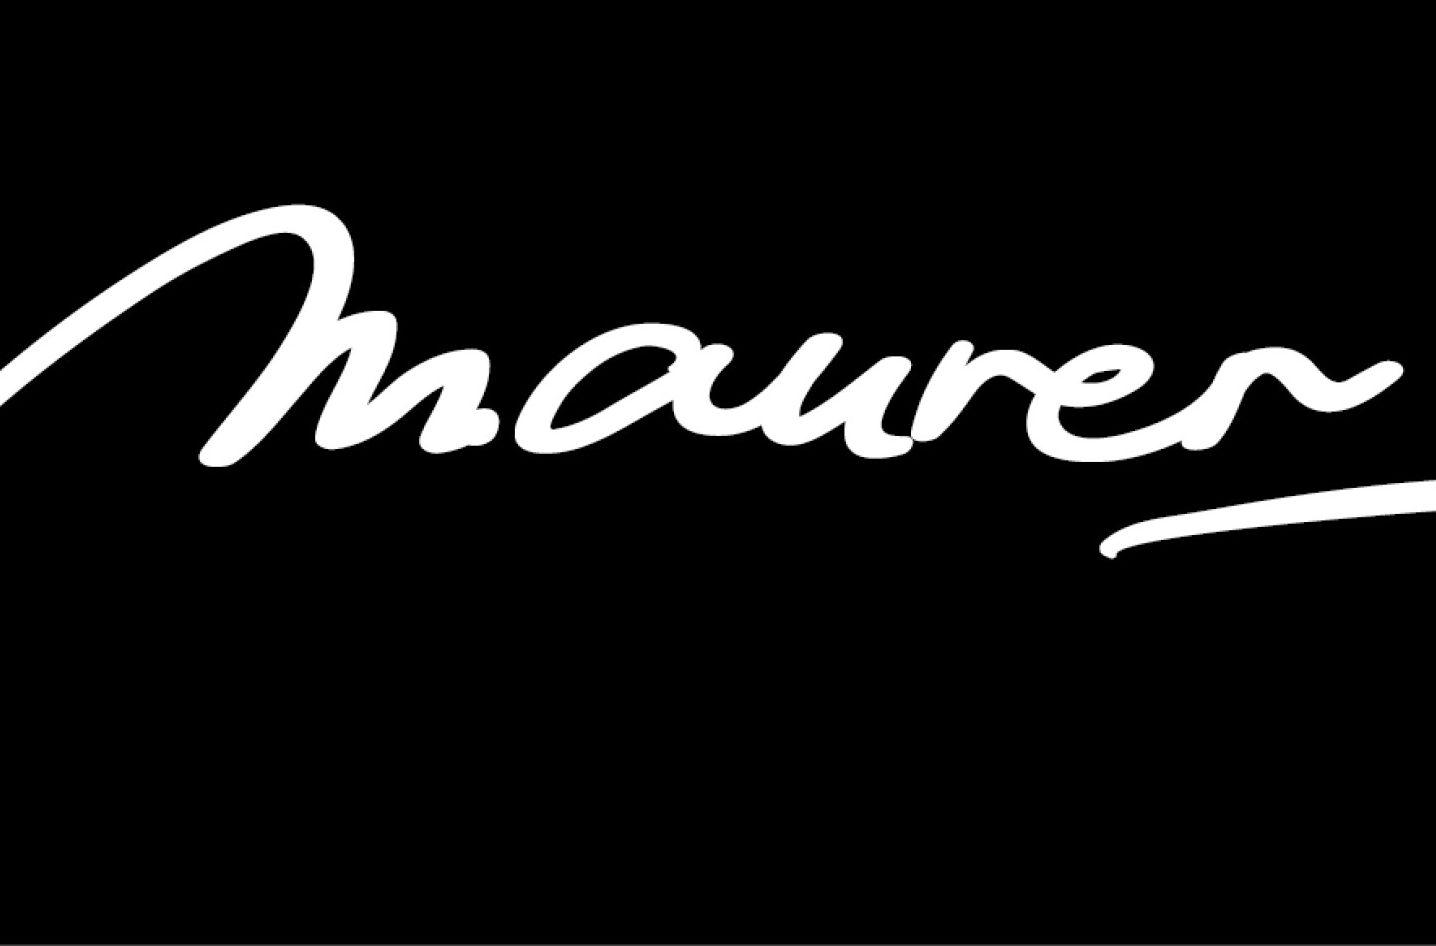 logo werbebueromaurer